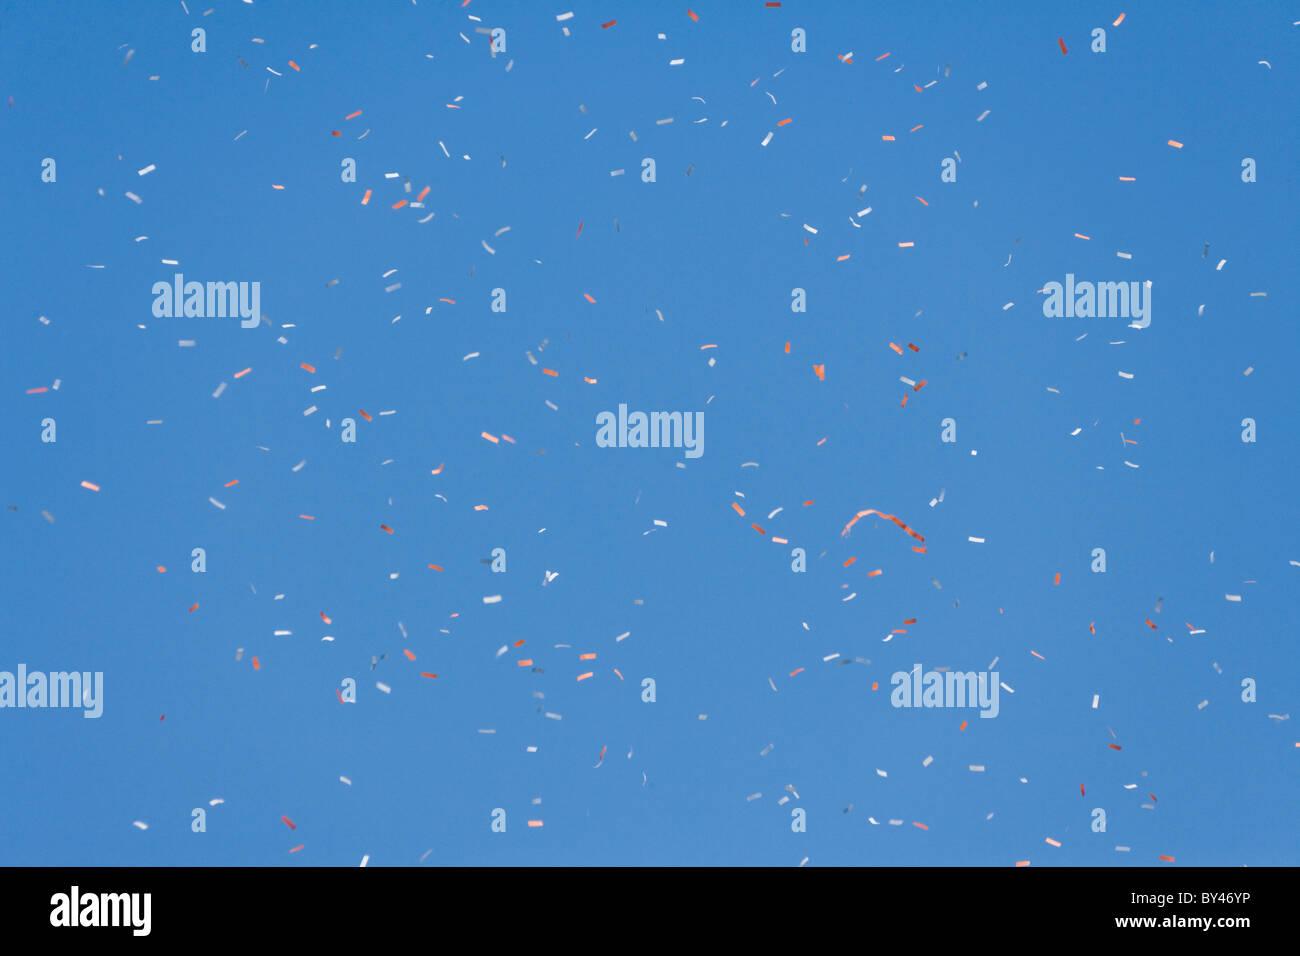 2fb53755027312 Falling Paper Confetti Stockfotos   Falling Paper Confetti Bilder ...